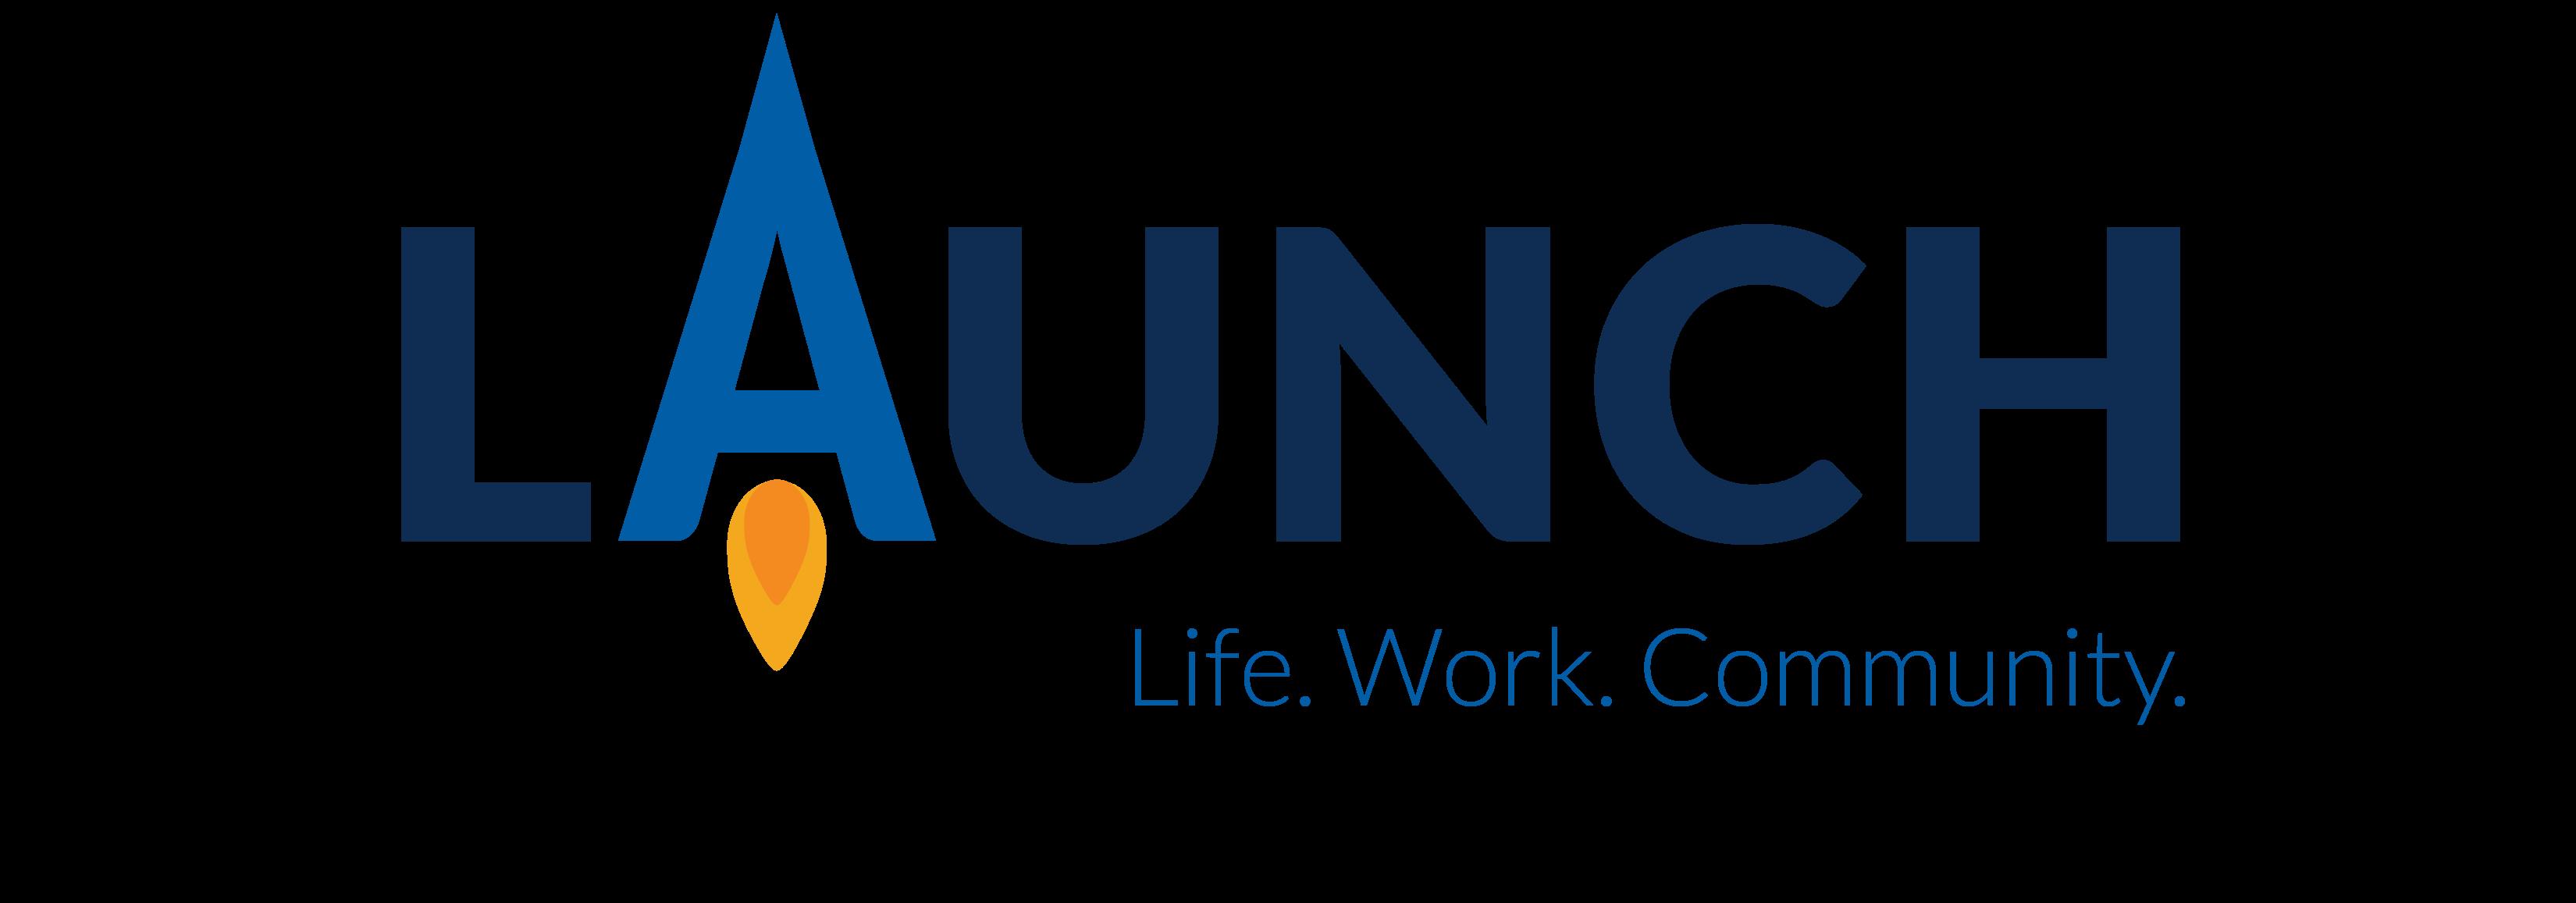 UVCC Launch Program Logo